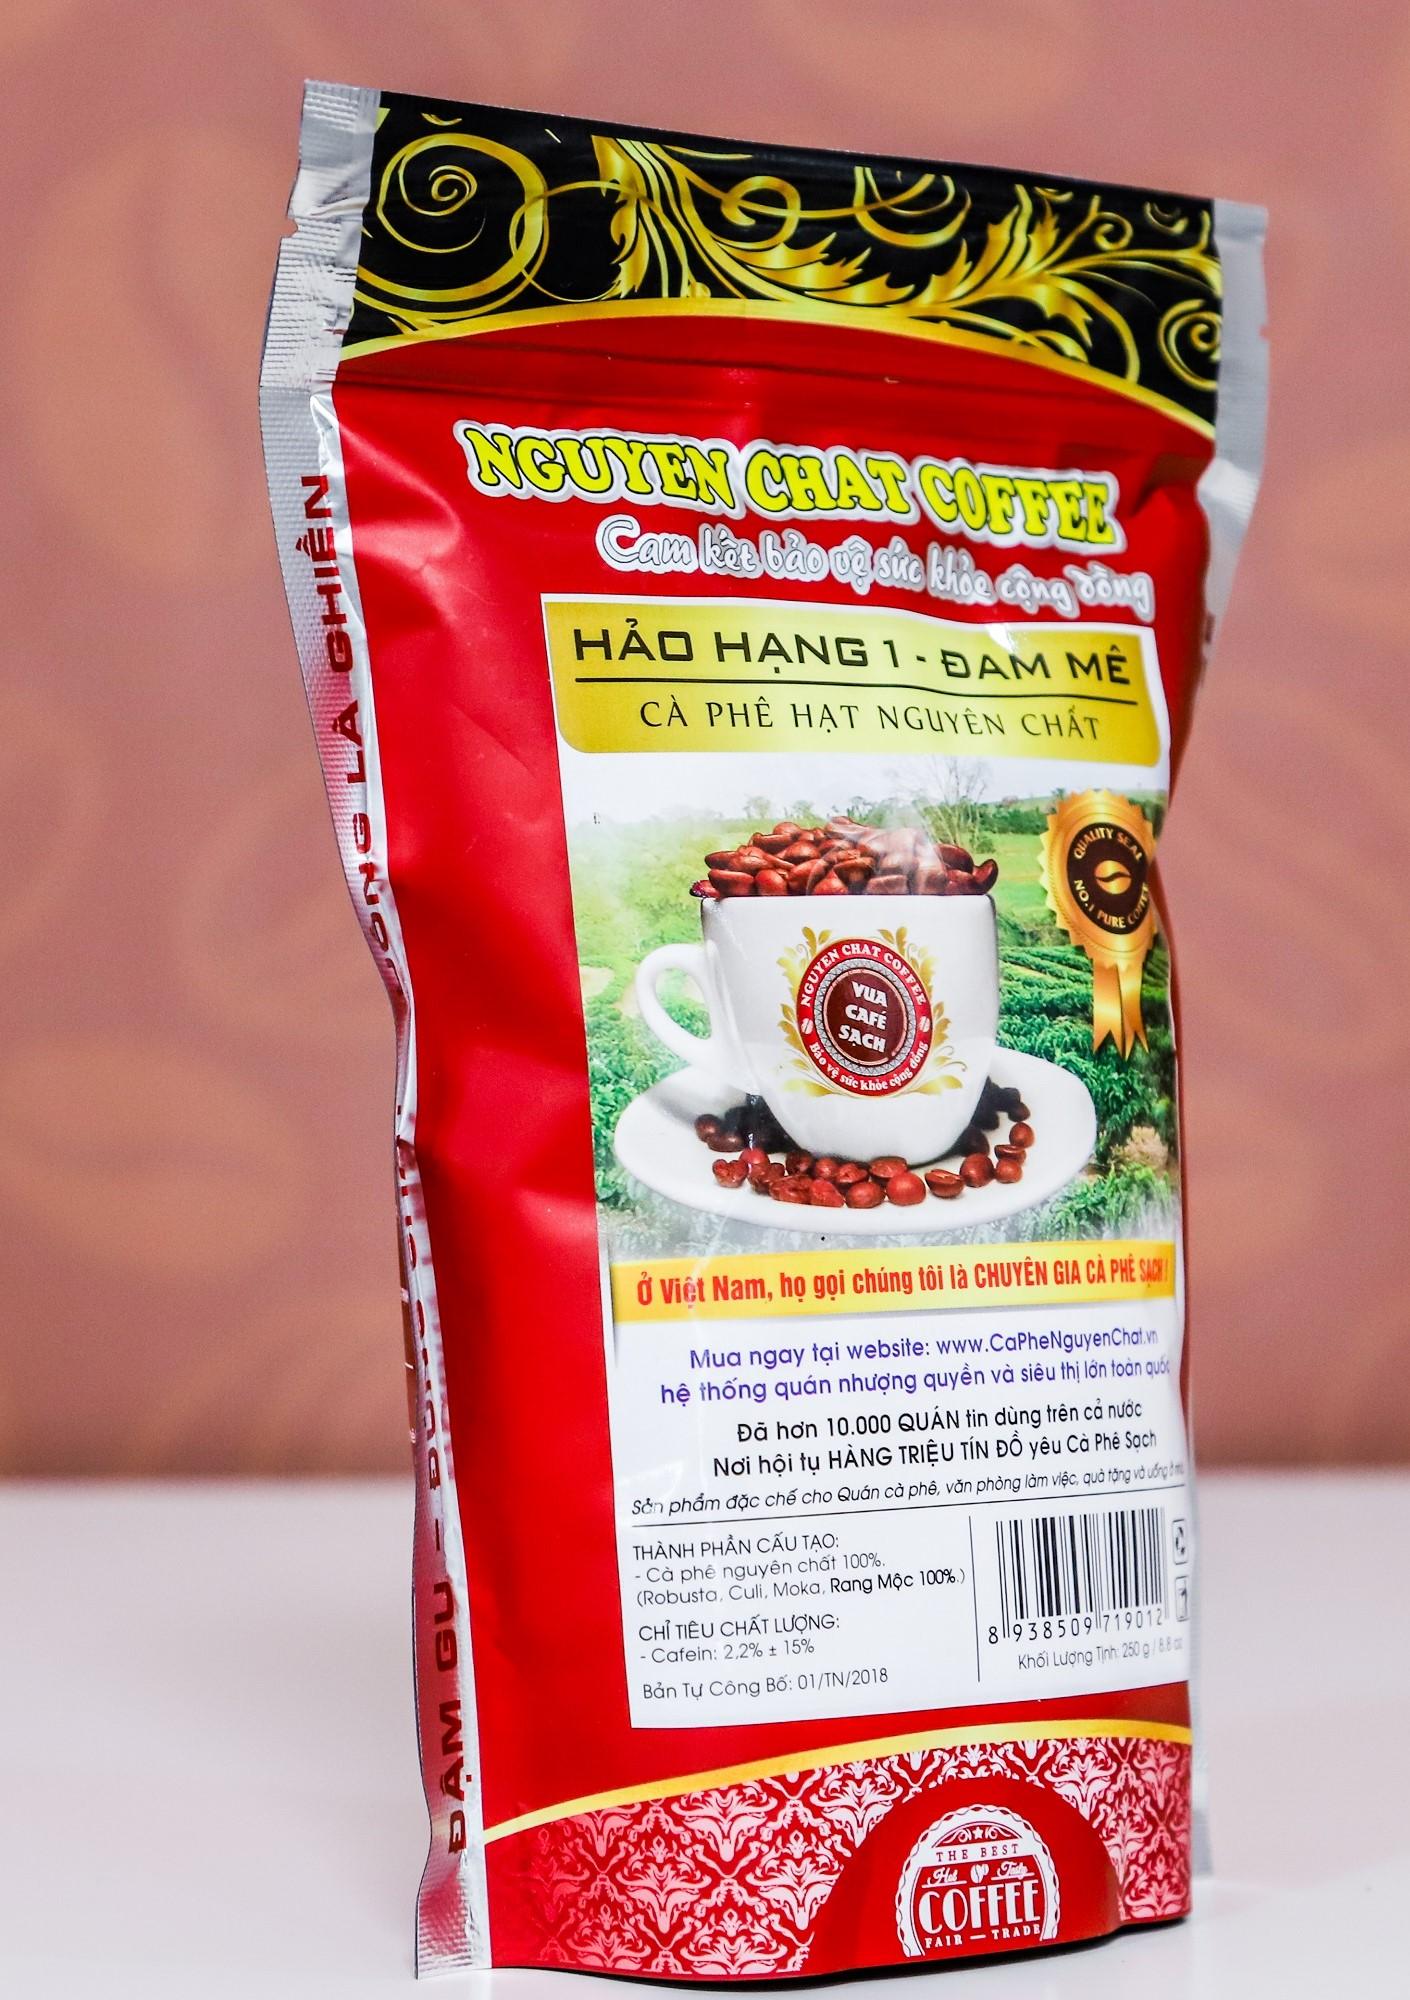 Cà phê nguyên chất Hạt Hảo Hạng 1 (Đam mê)